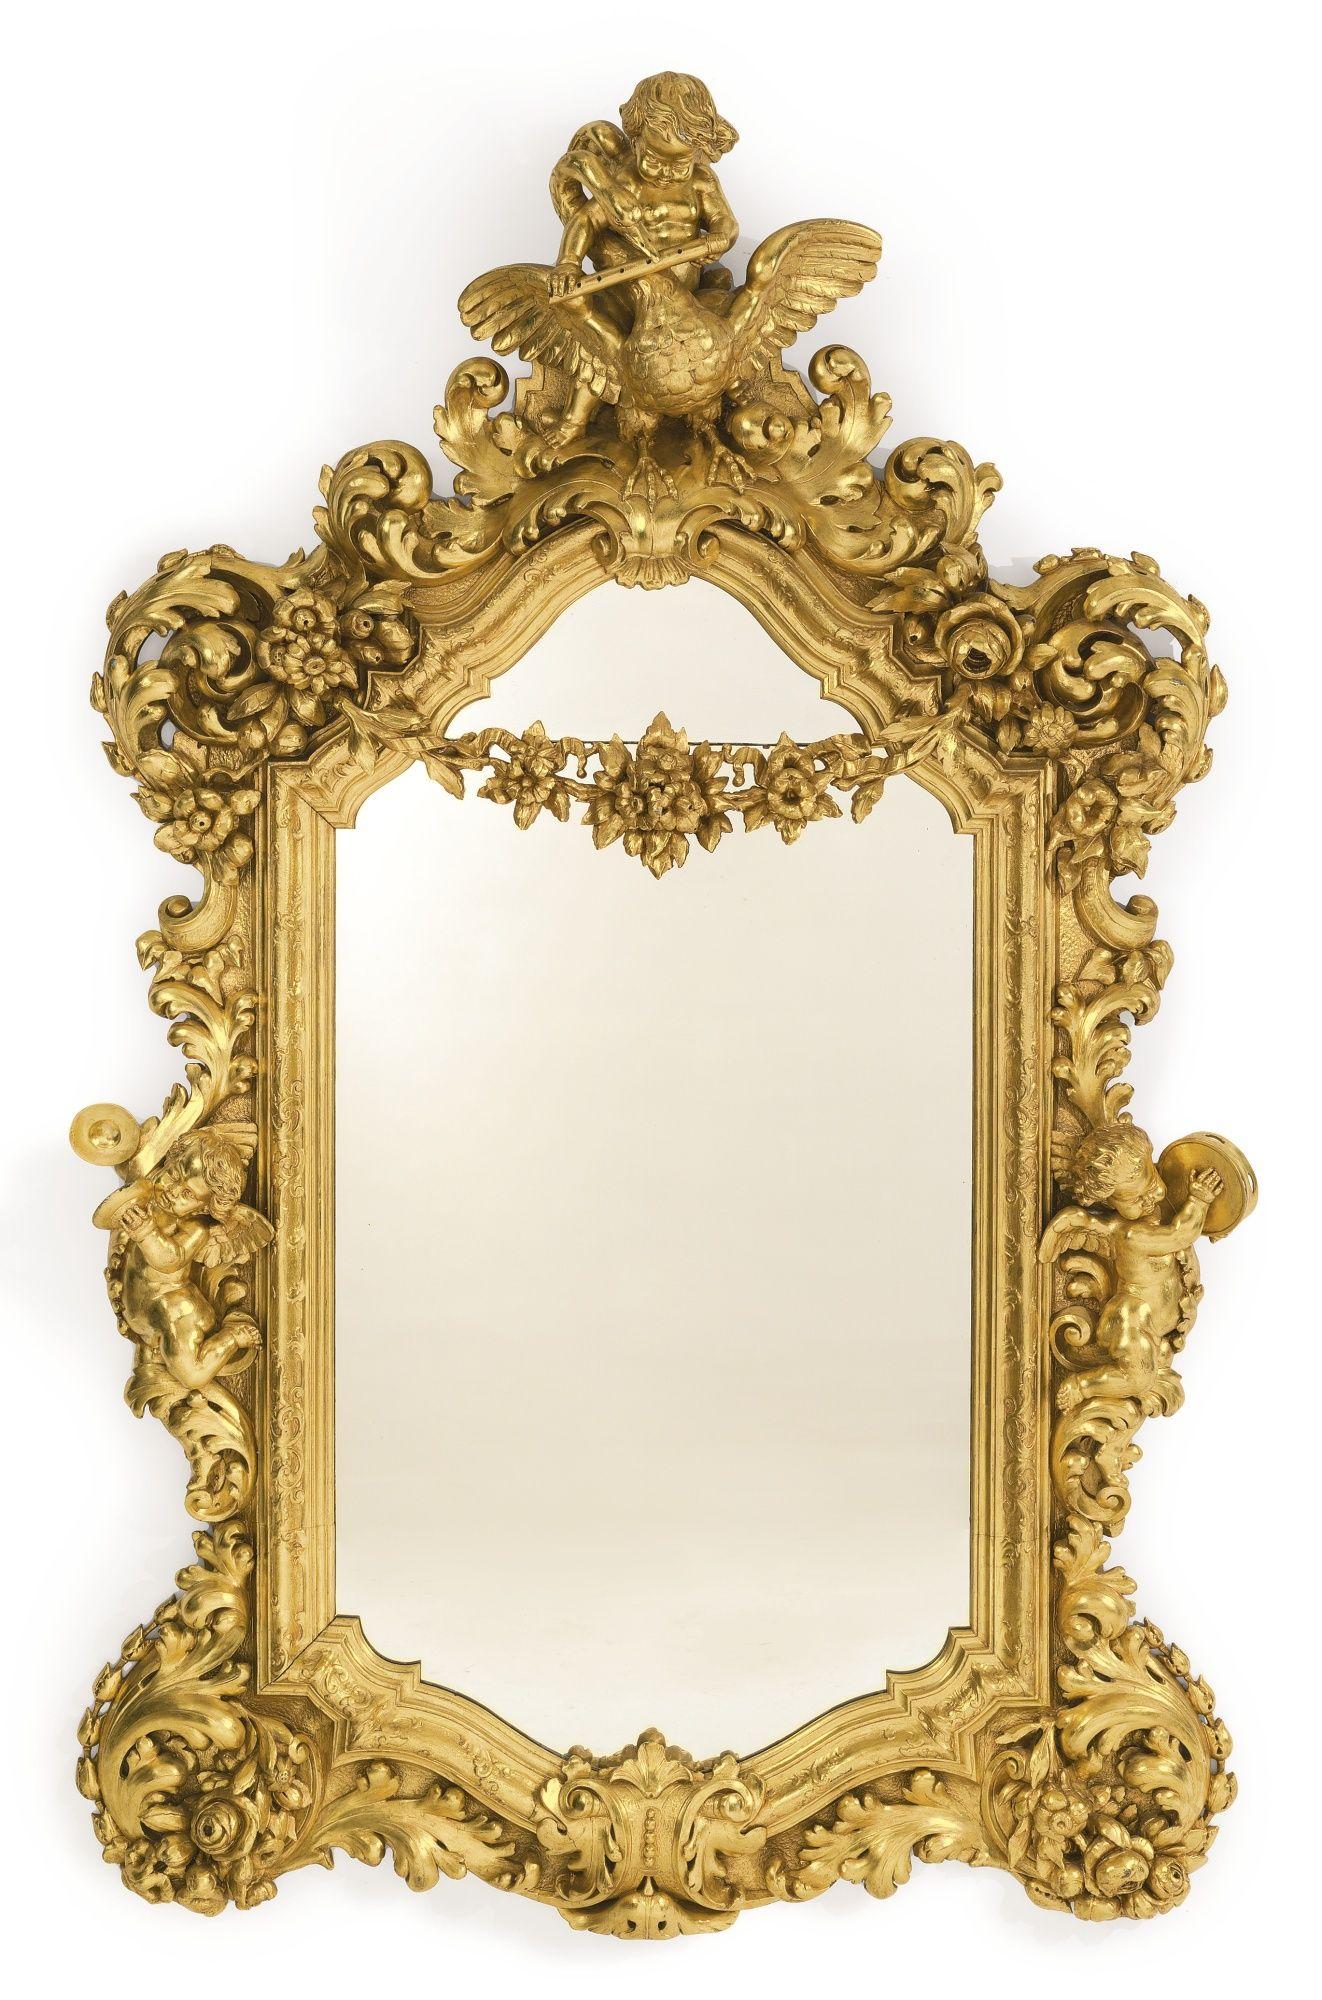 Espejo estilo rococ tallado de madera dorada continental for Disenos de espejos tallados en madera